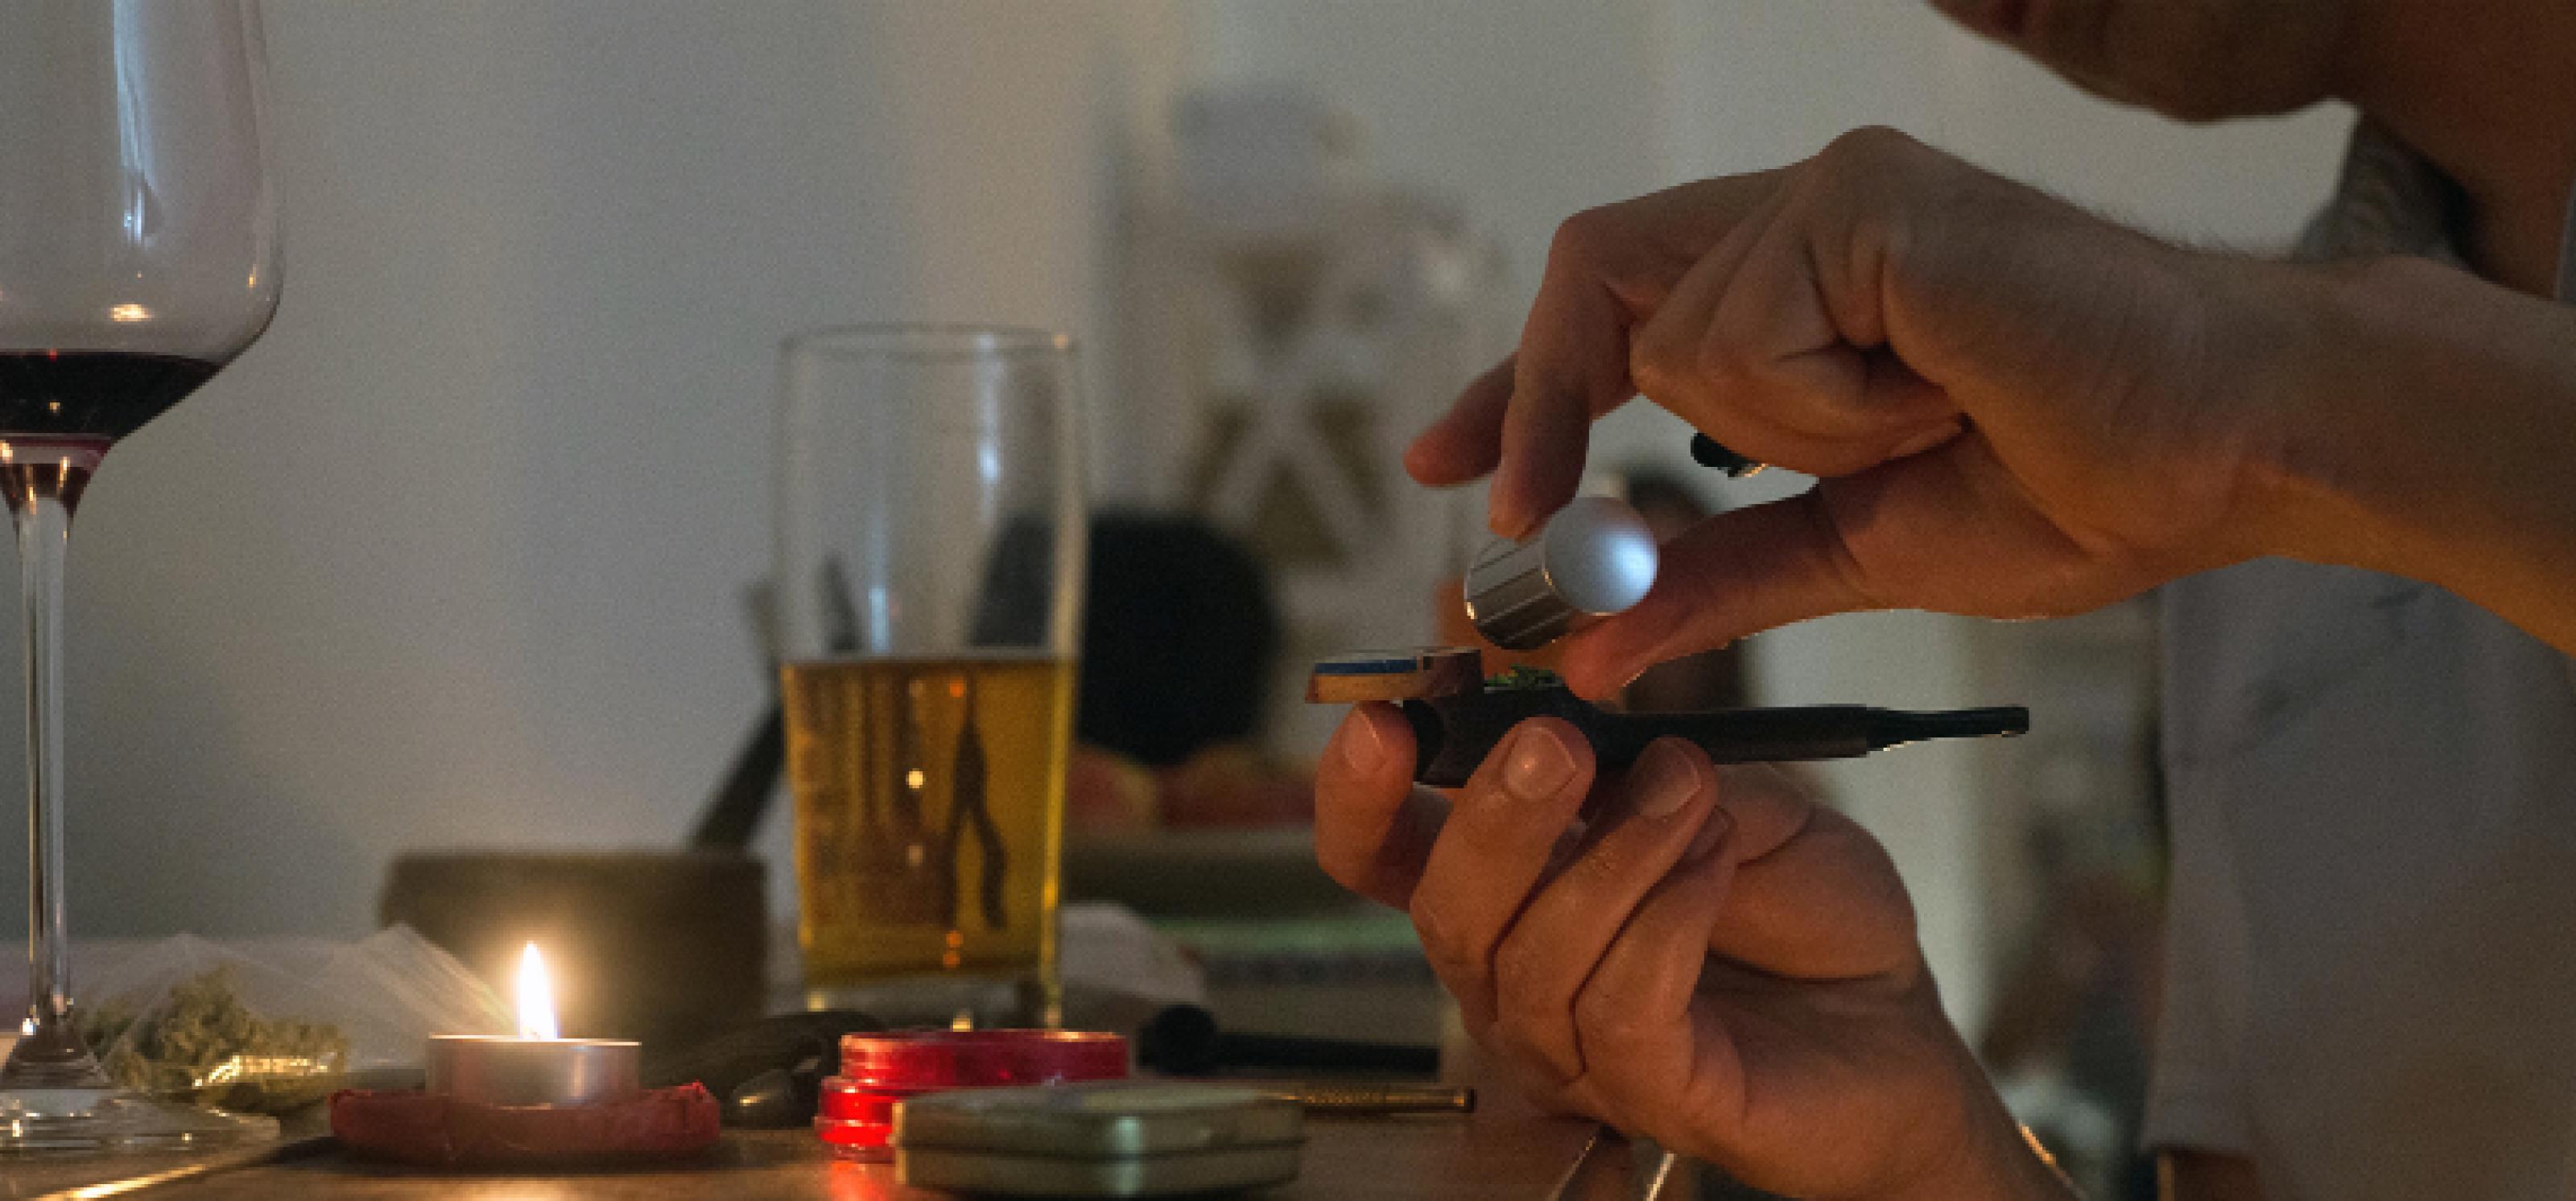 Zwei Hände befüllen eine Pfeife, im Hintergrund mehrere Gläser Alkohol, eine Pillendose und ein Tütchen